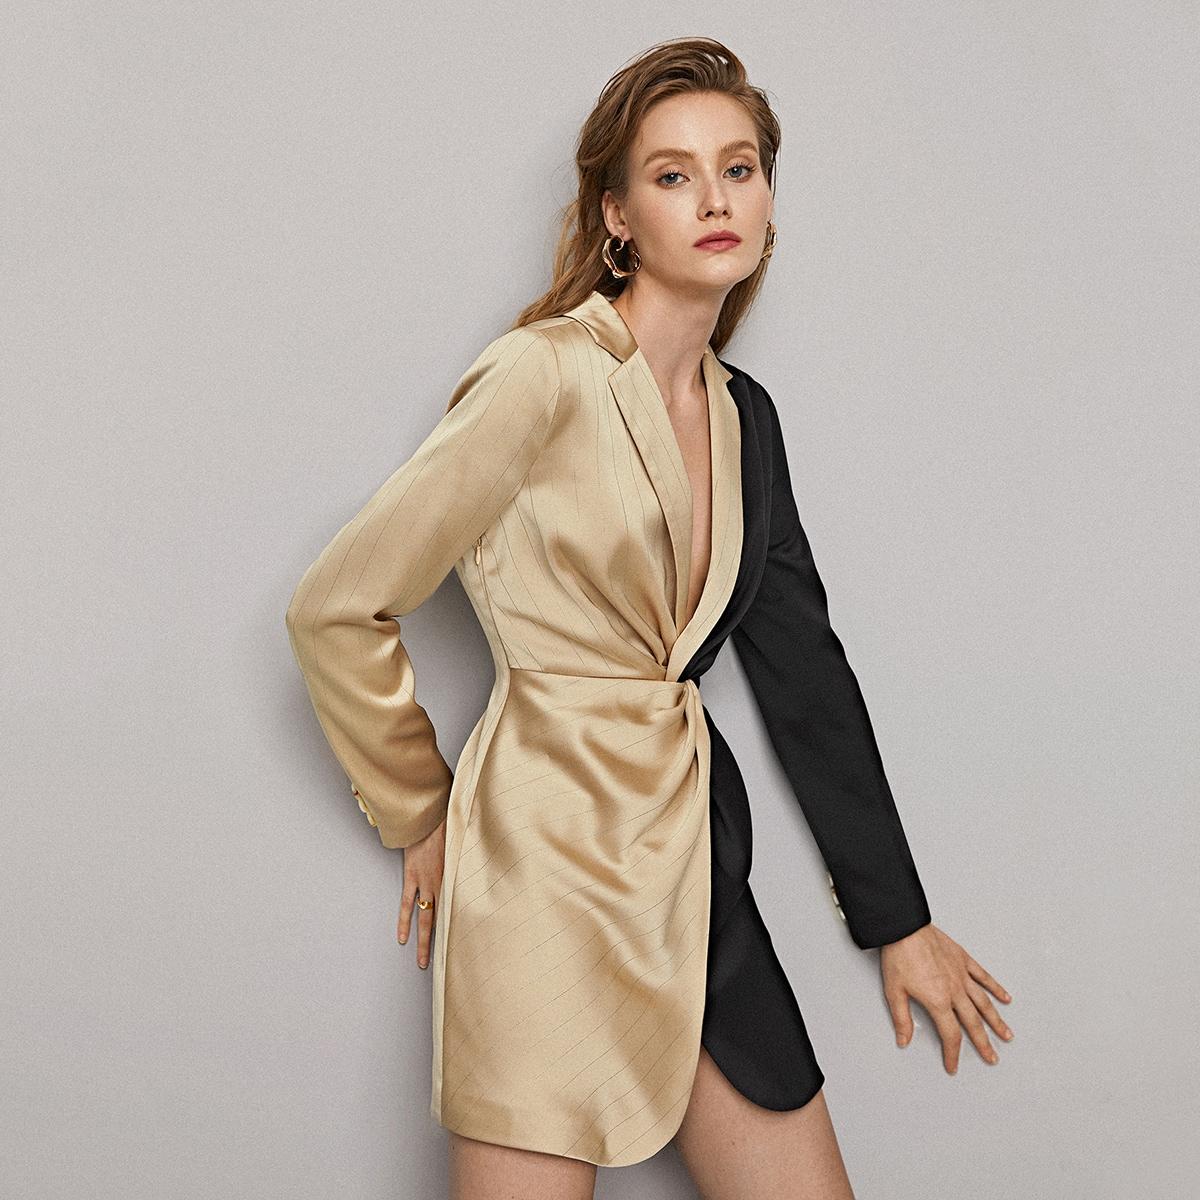 SHEIN / Zweifarbiges Hemdkleid mit Twist